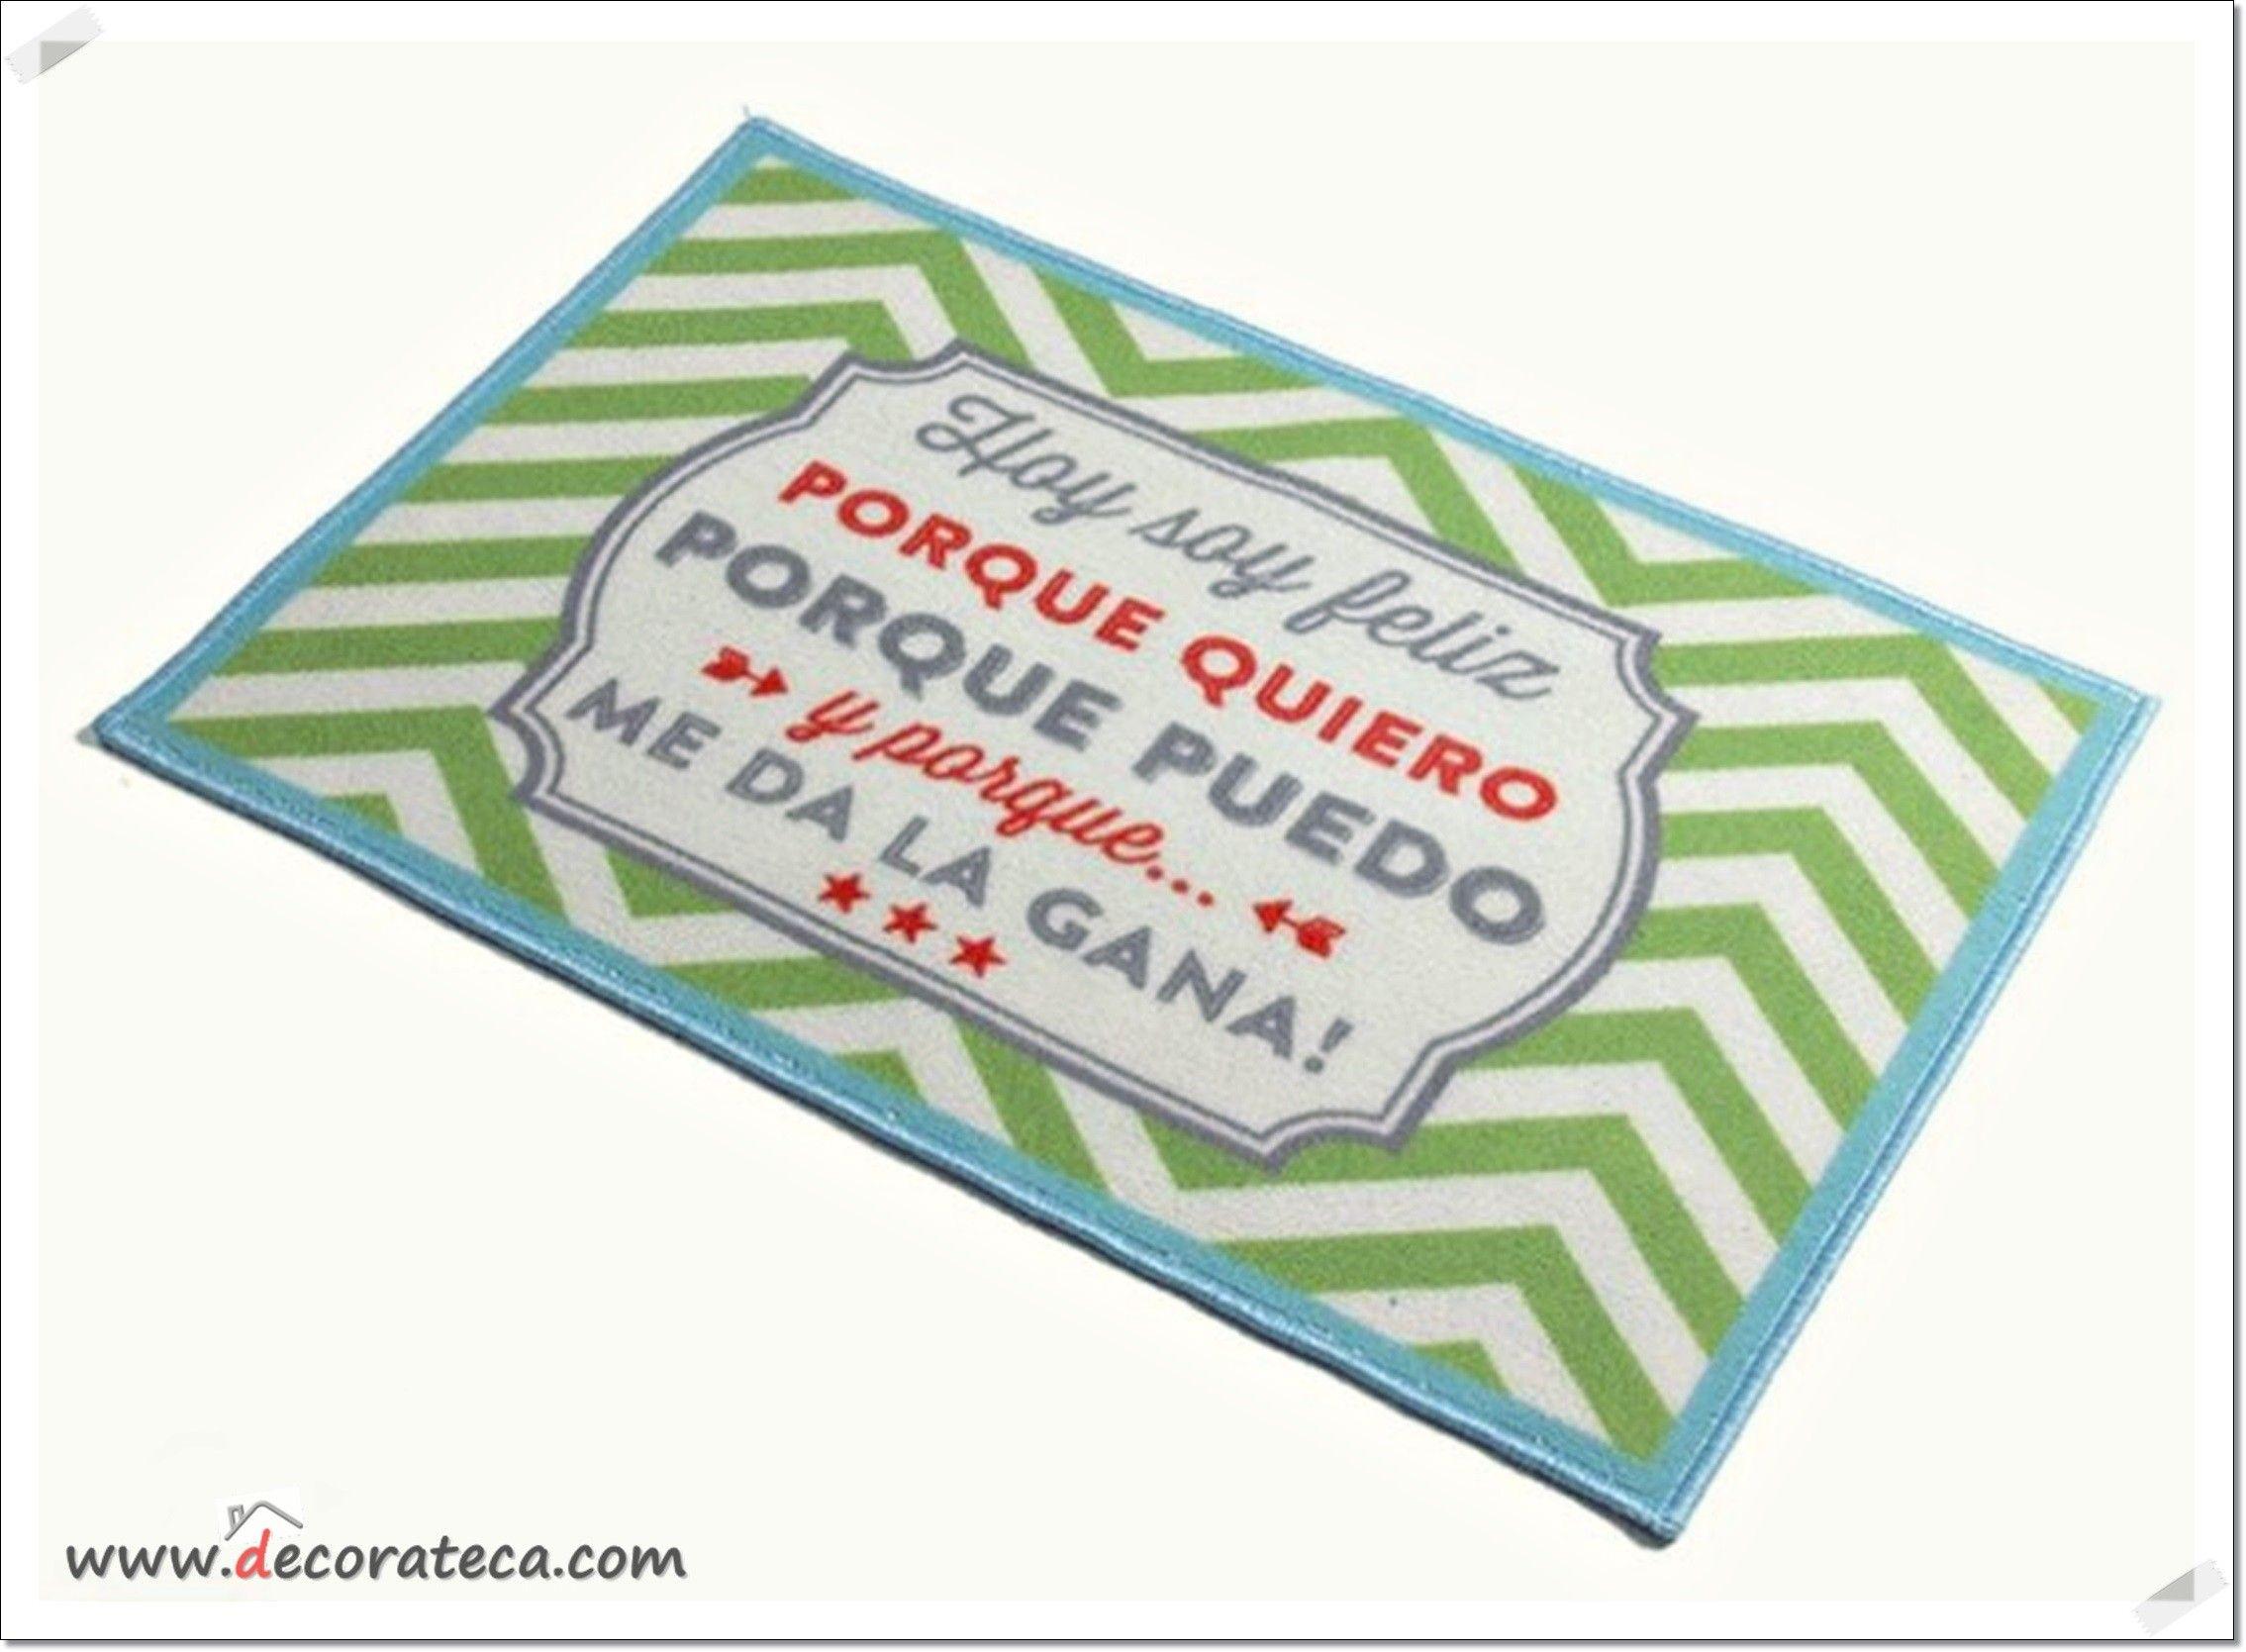 Original alfombra antideslizante hoy soy feliz porque - Alfombras bano originales ...